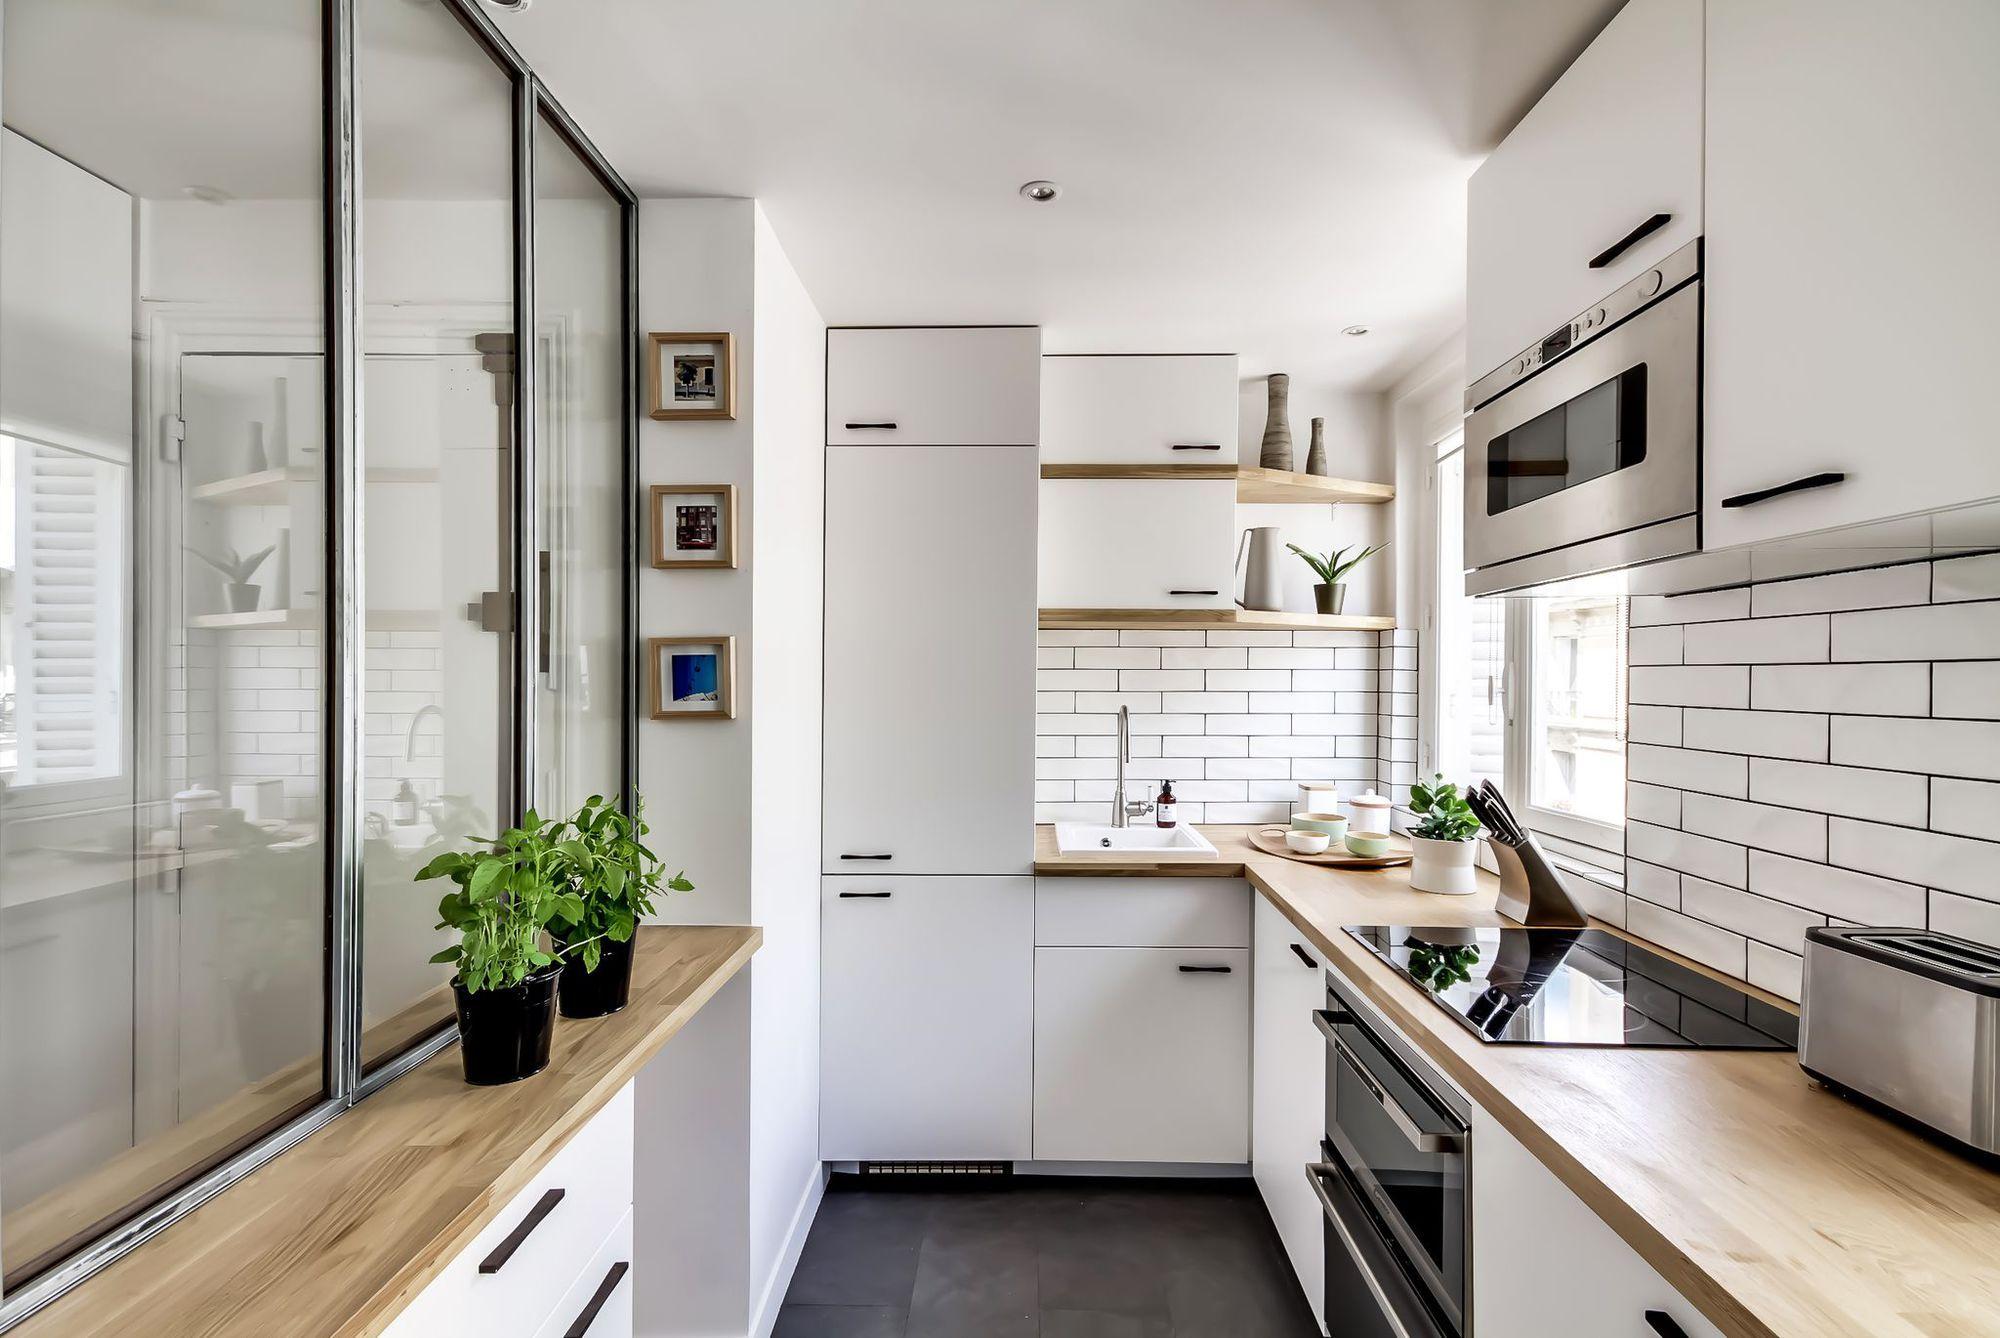 Architecte D Intérieur Paris 8 appartement paris 8 : un 38 m2 refait à neuf par un archi d